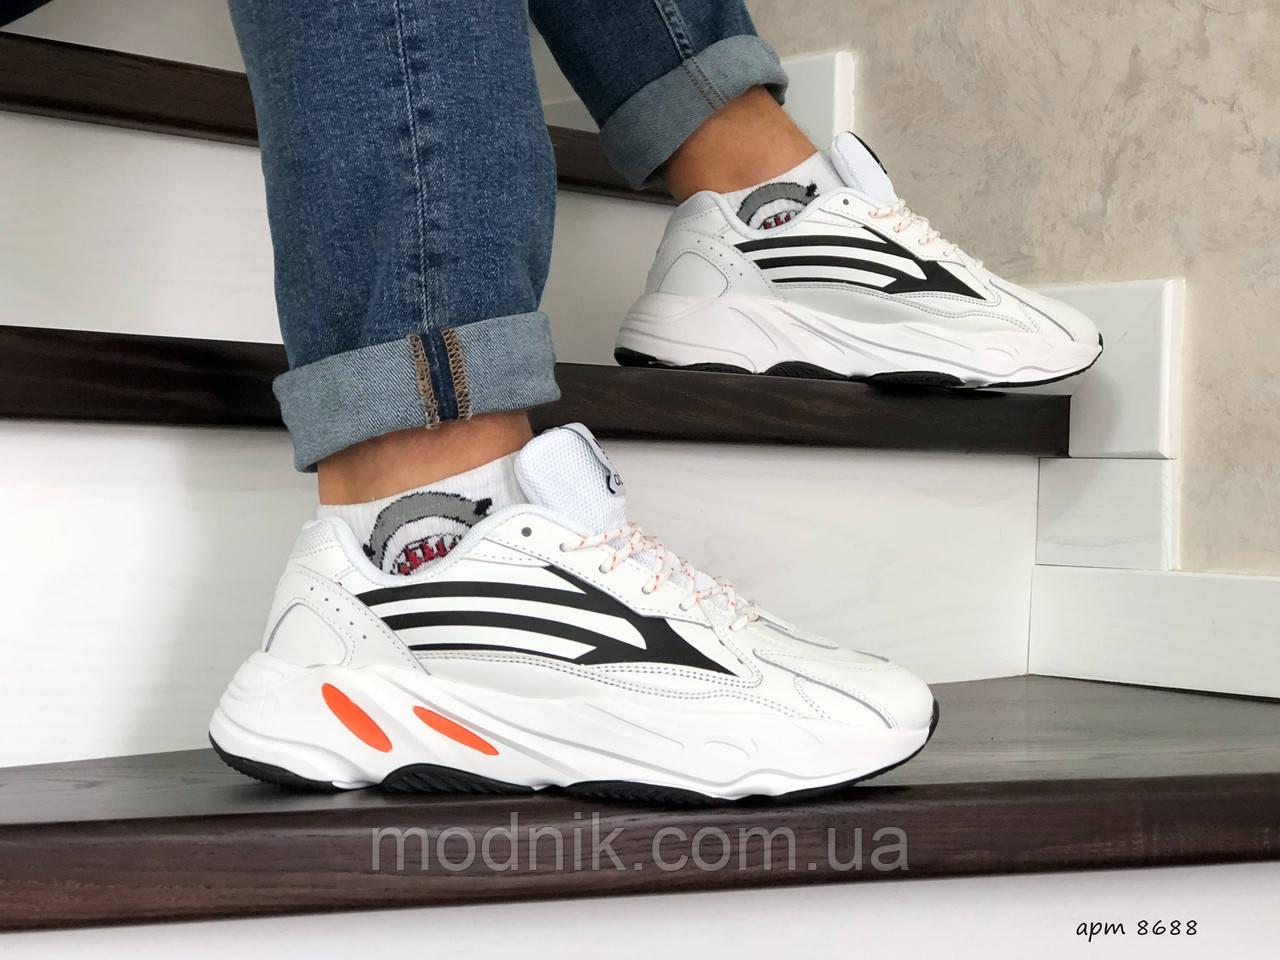 Мужские кроссовки Adidas Yeezy Boost 700 (белые)